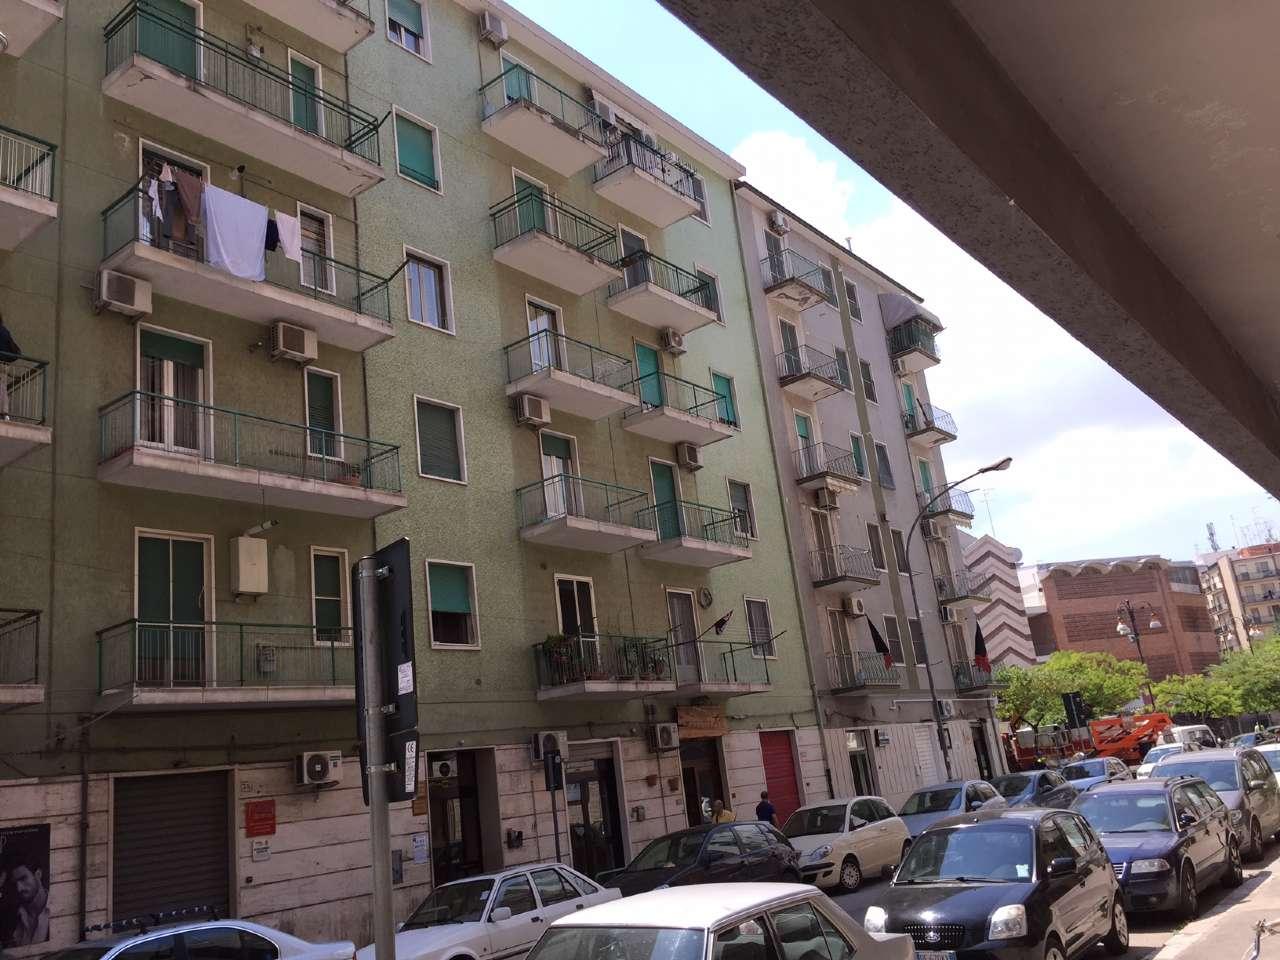 Casa foggia appartamenti e case in affitto for Affitto casa foggia arredato privati